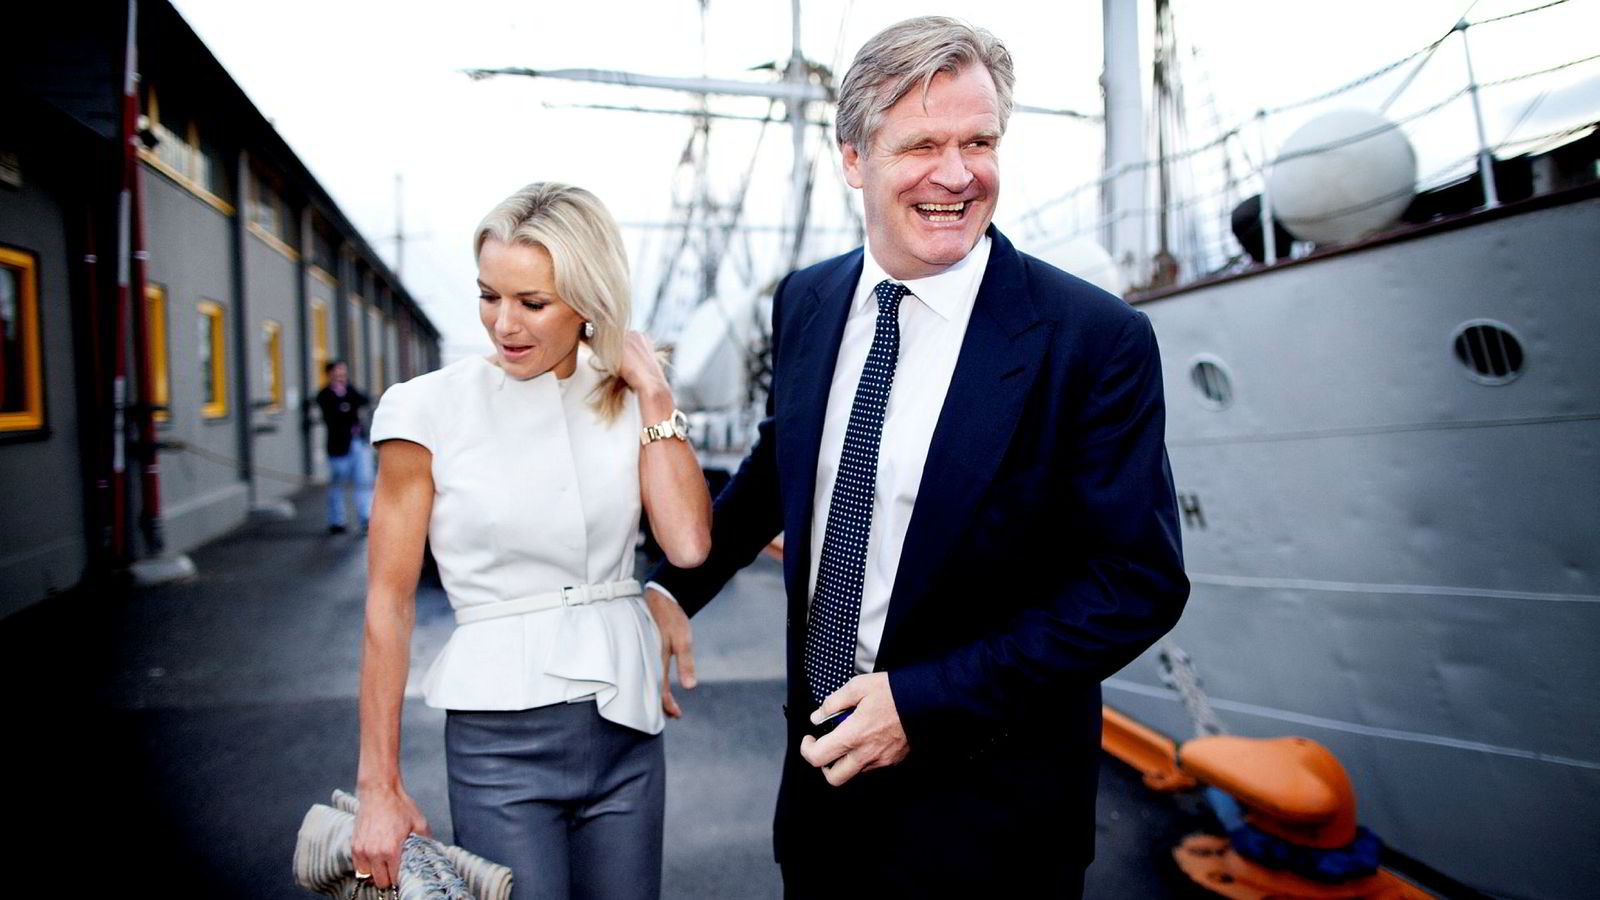 Ekteparet Celina Midelfart og Tor Olav Trøim har hamstret aksjer i Yara etter at de solgte seg ut av Storebrand i starten av 2018.